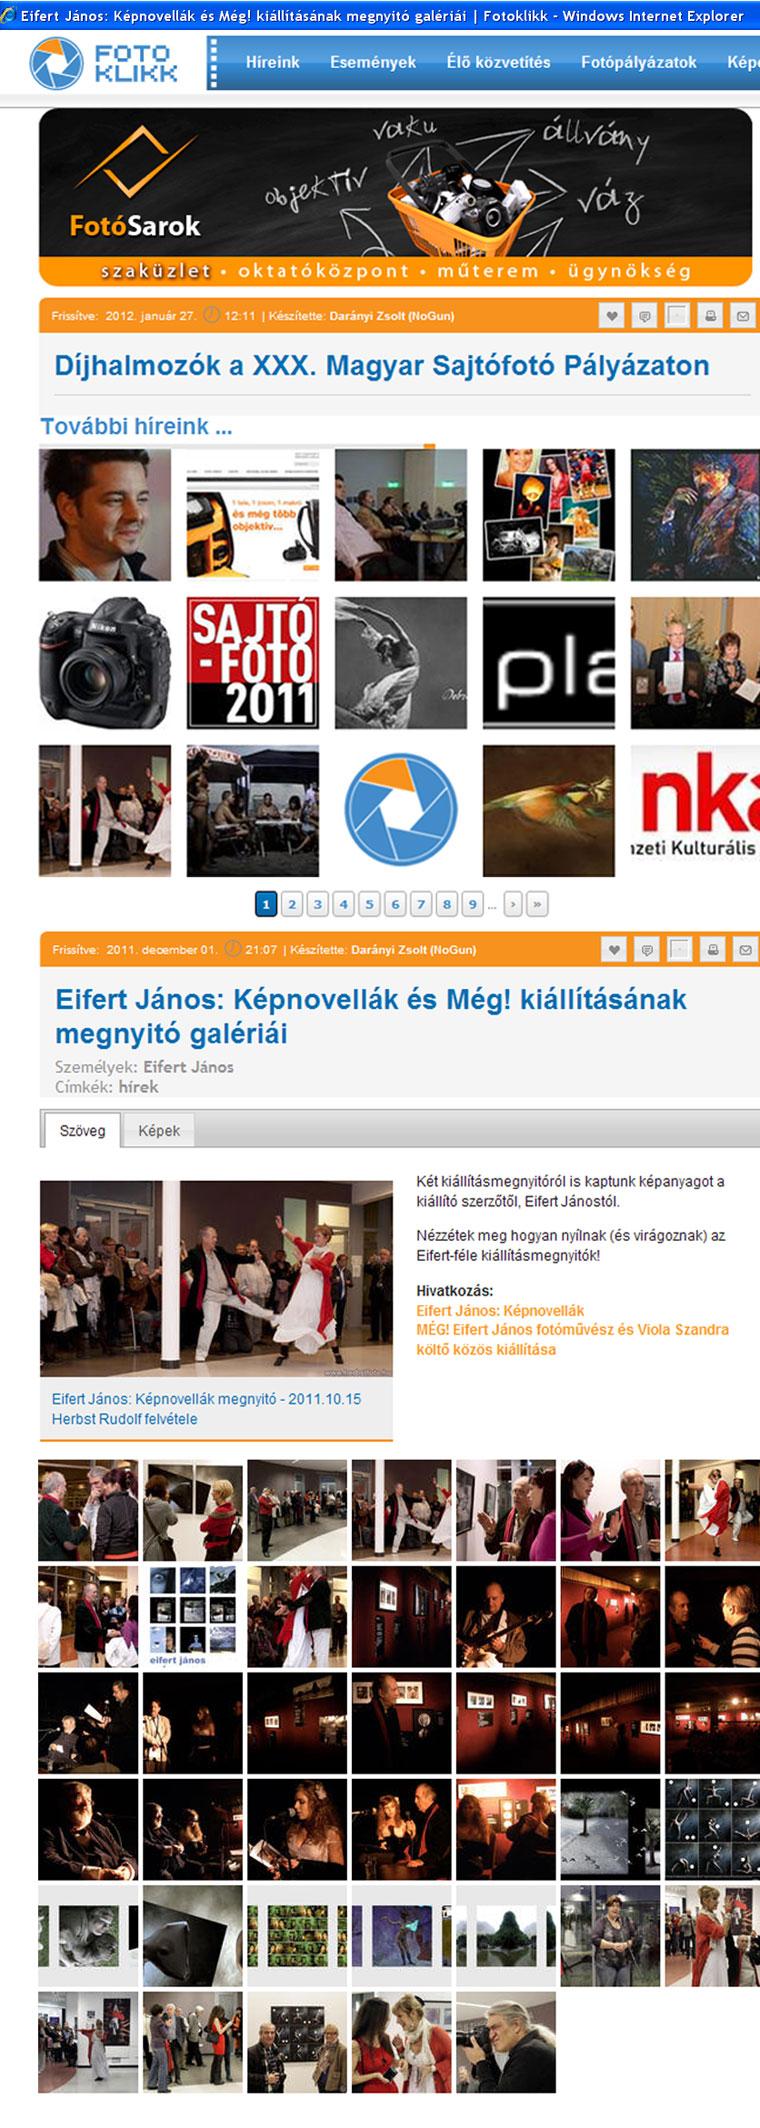 2012.01.27-Fotoklikk,-hírek